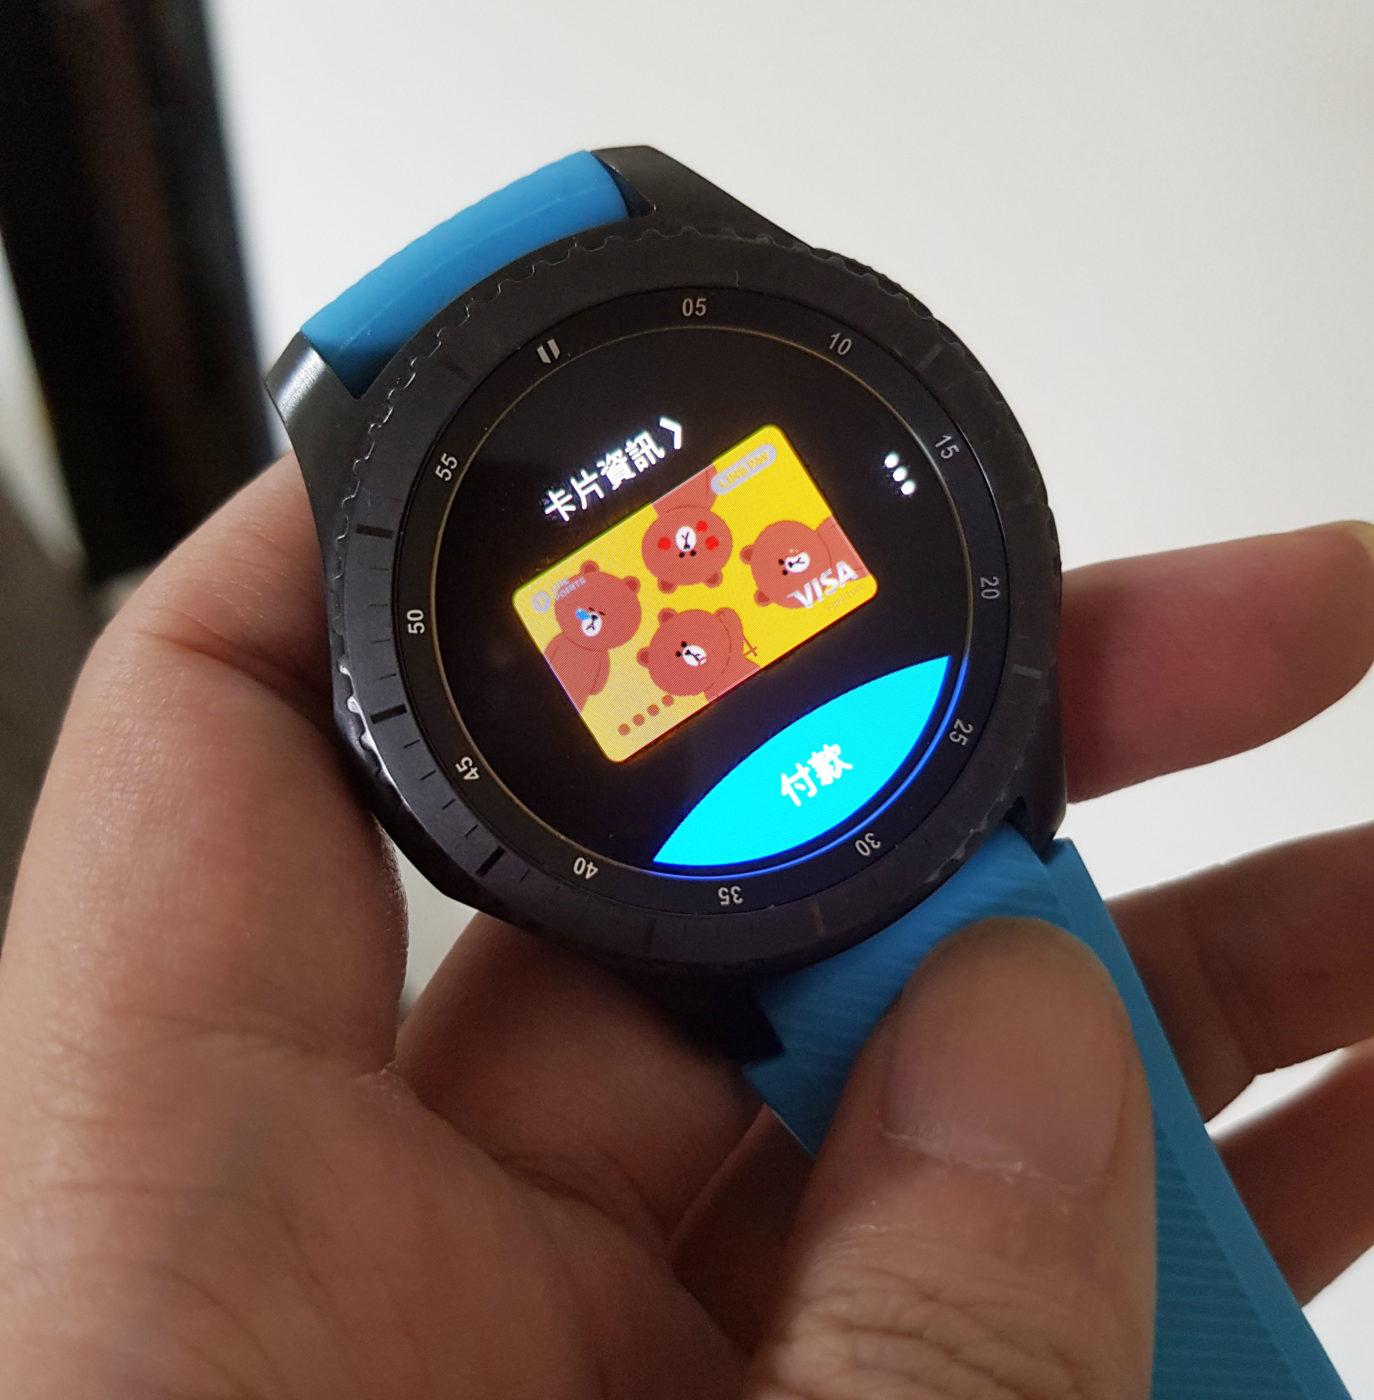 手錶支援!會員卡支援!中國信託也行!Samsung Pay 在台更進化 @3C 達人廖阿輝